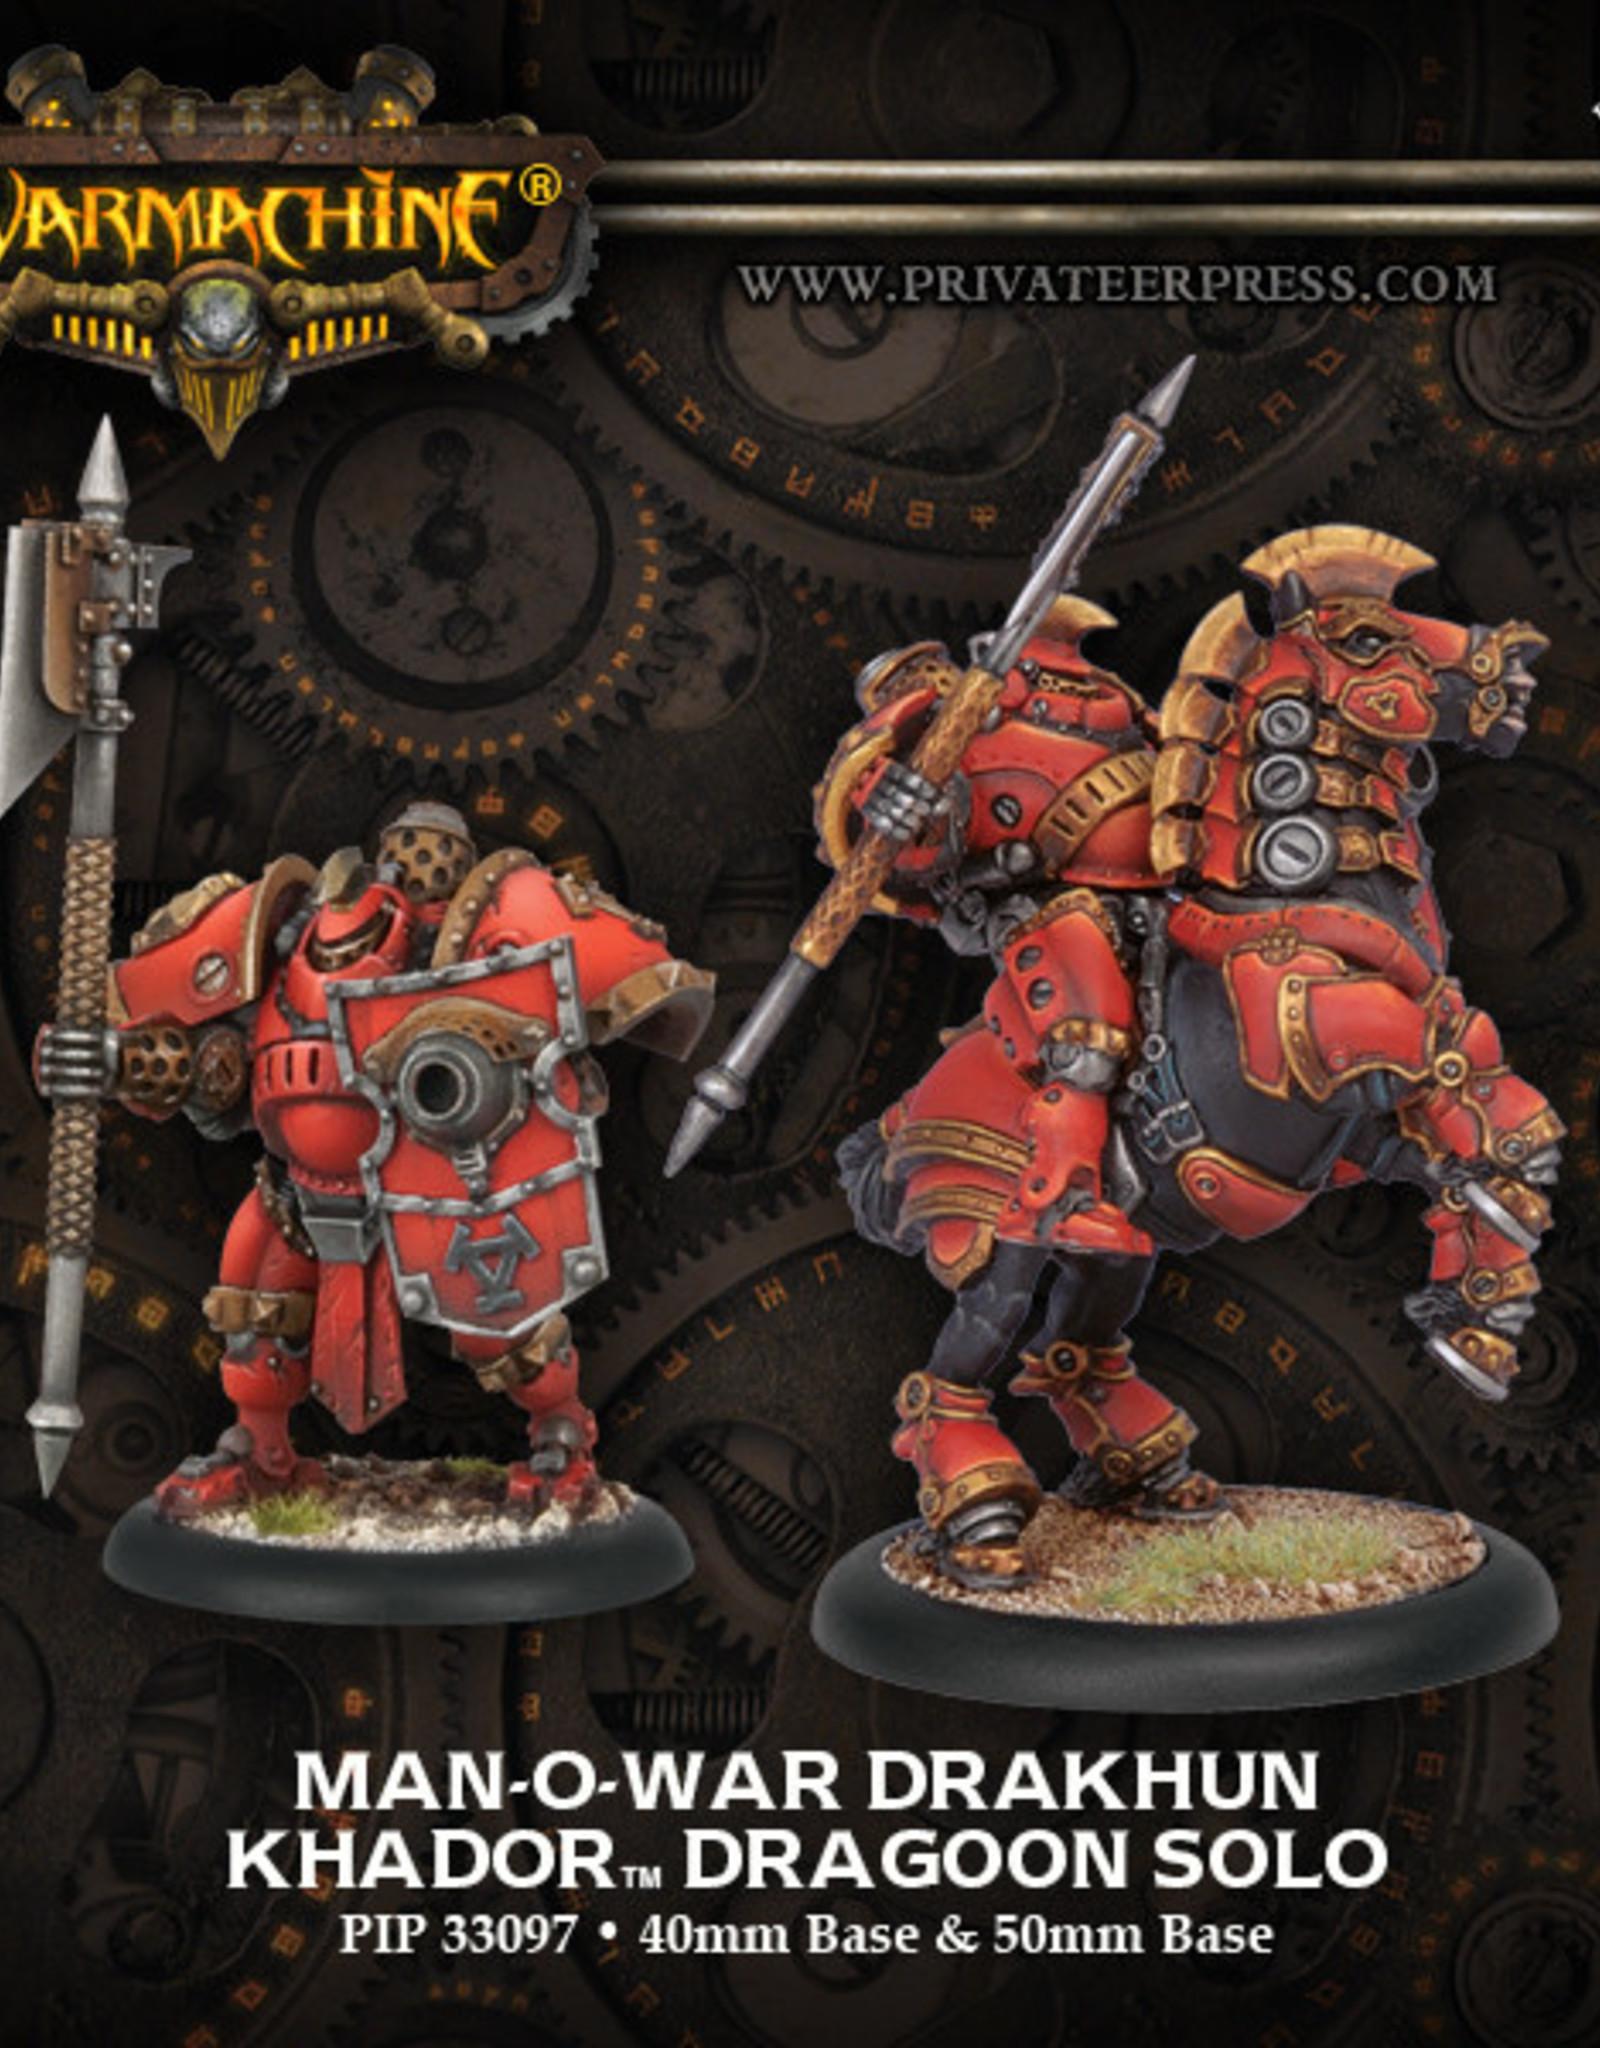 Warmachine Khador - Drakhun Solo